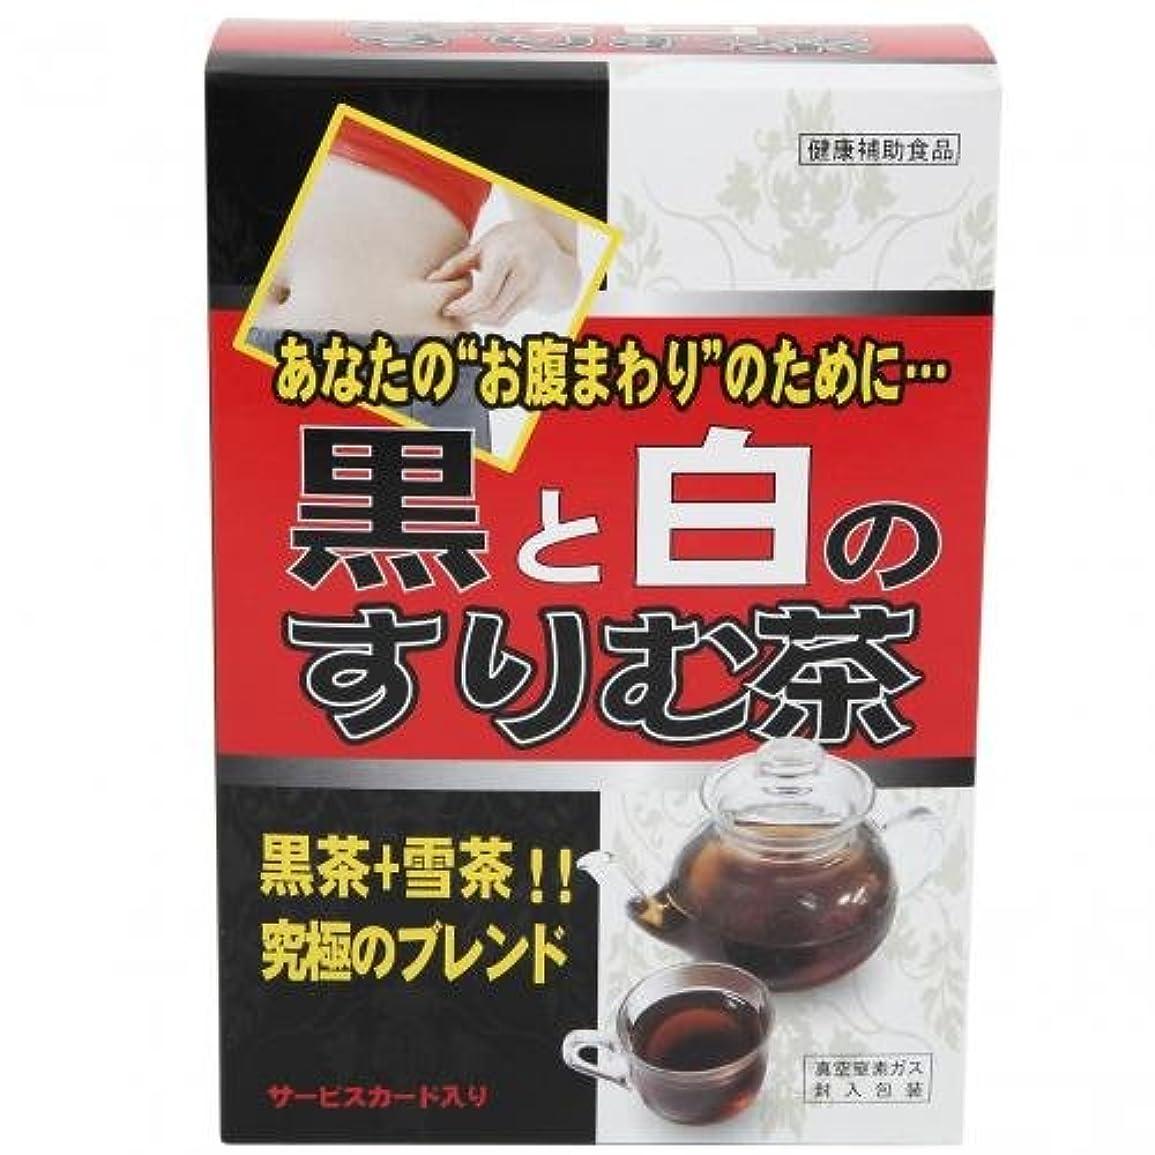 重なる原稿ちょうつがい共栄黒と白のすりむ茶 24包